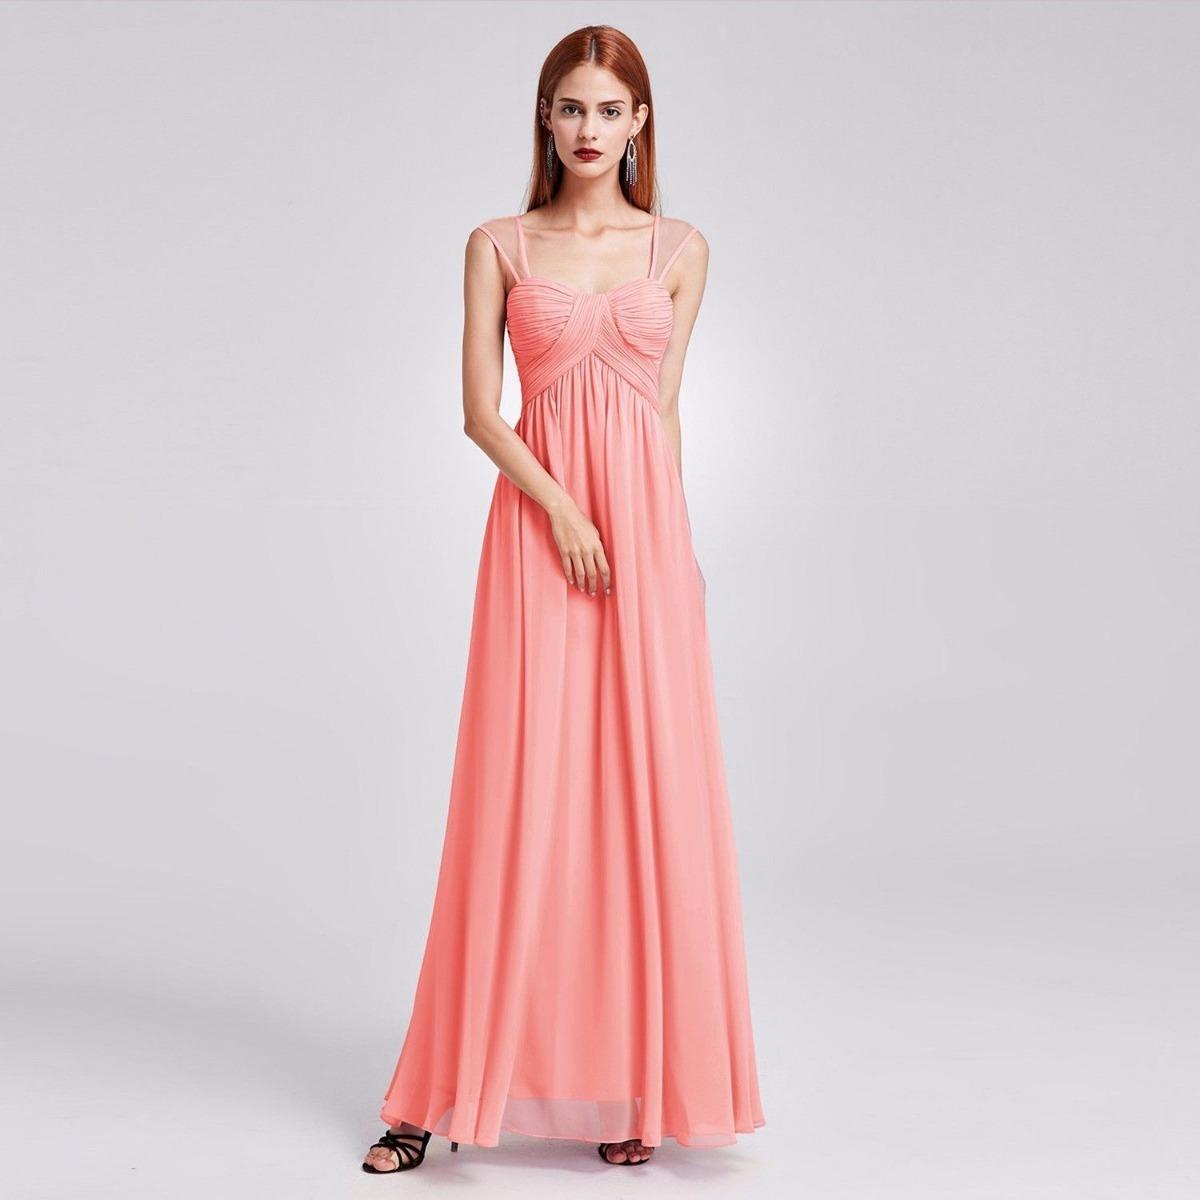 Elegante Vestido Fiesta Largo Gasa Rosa Importado - $ 4.400,00 en ...